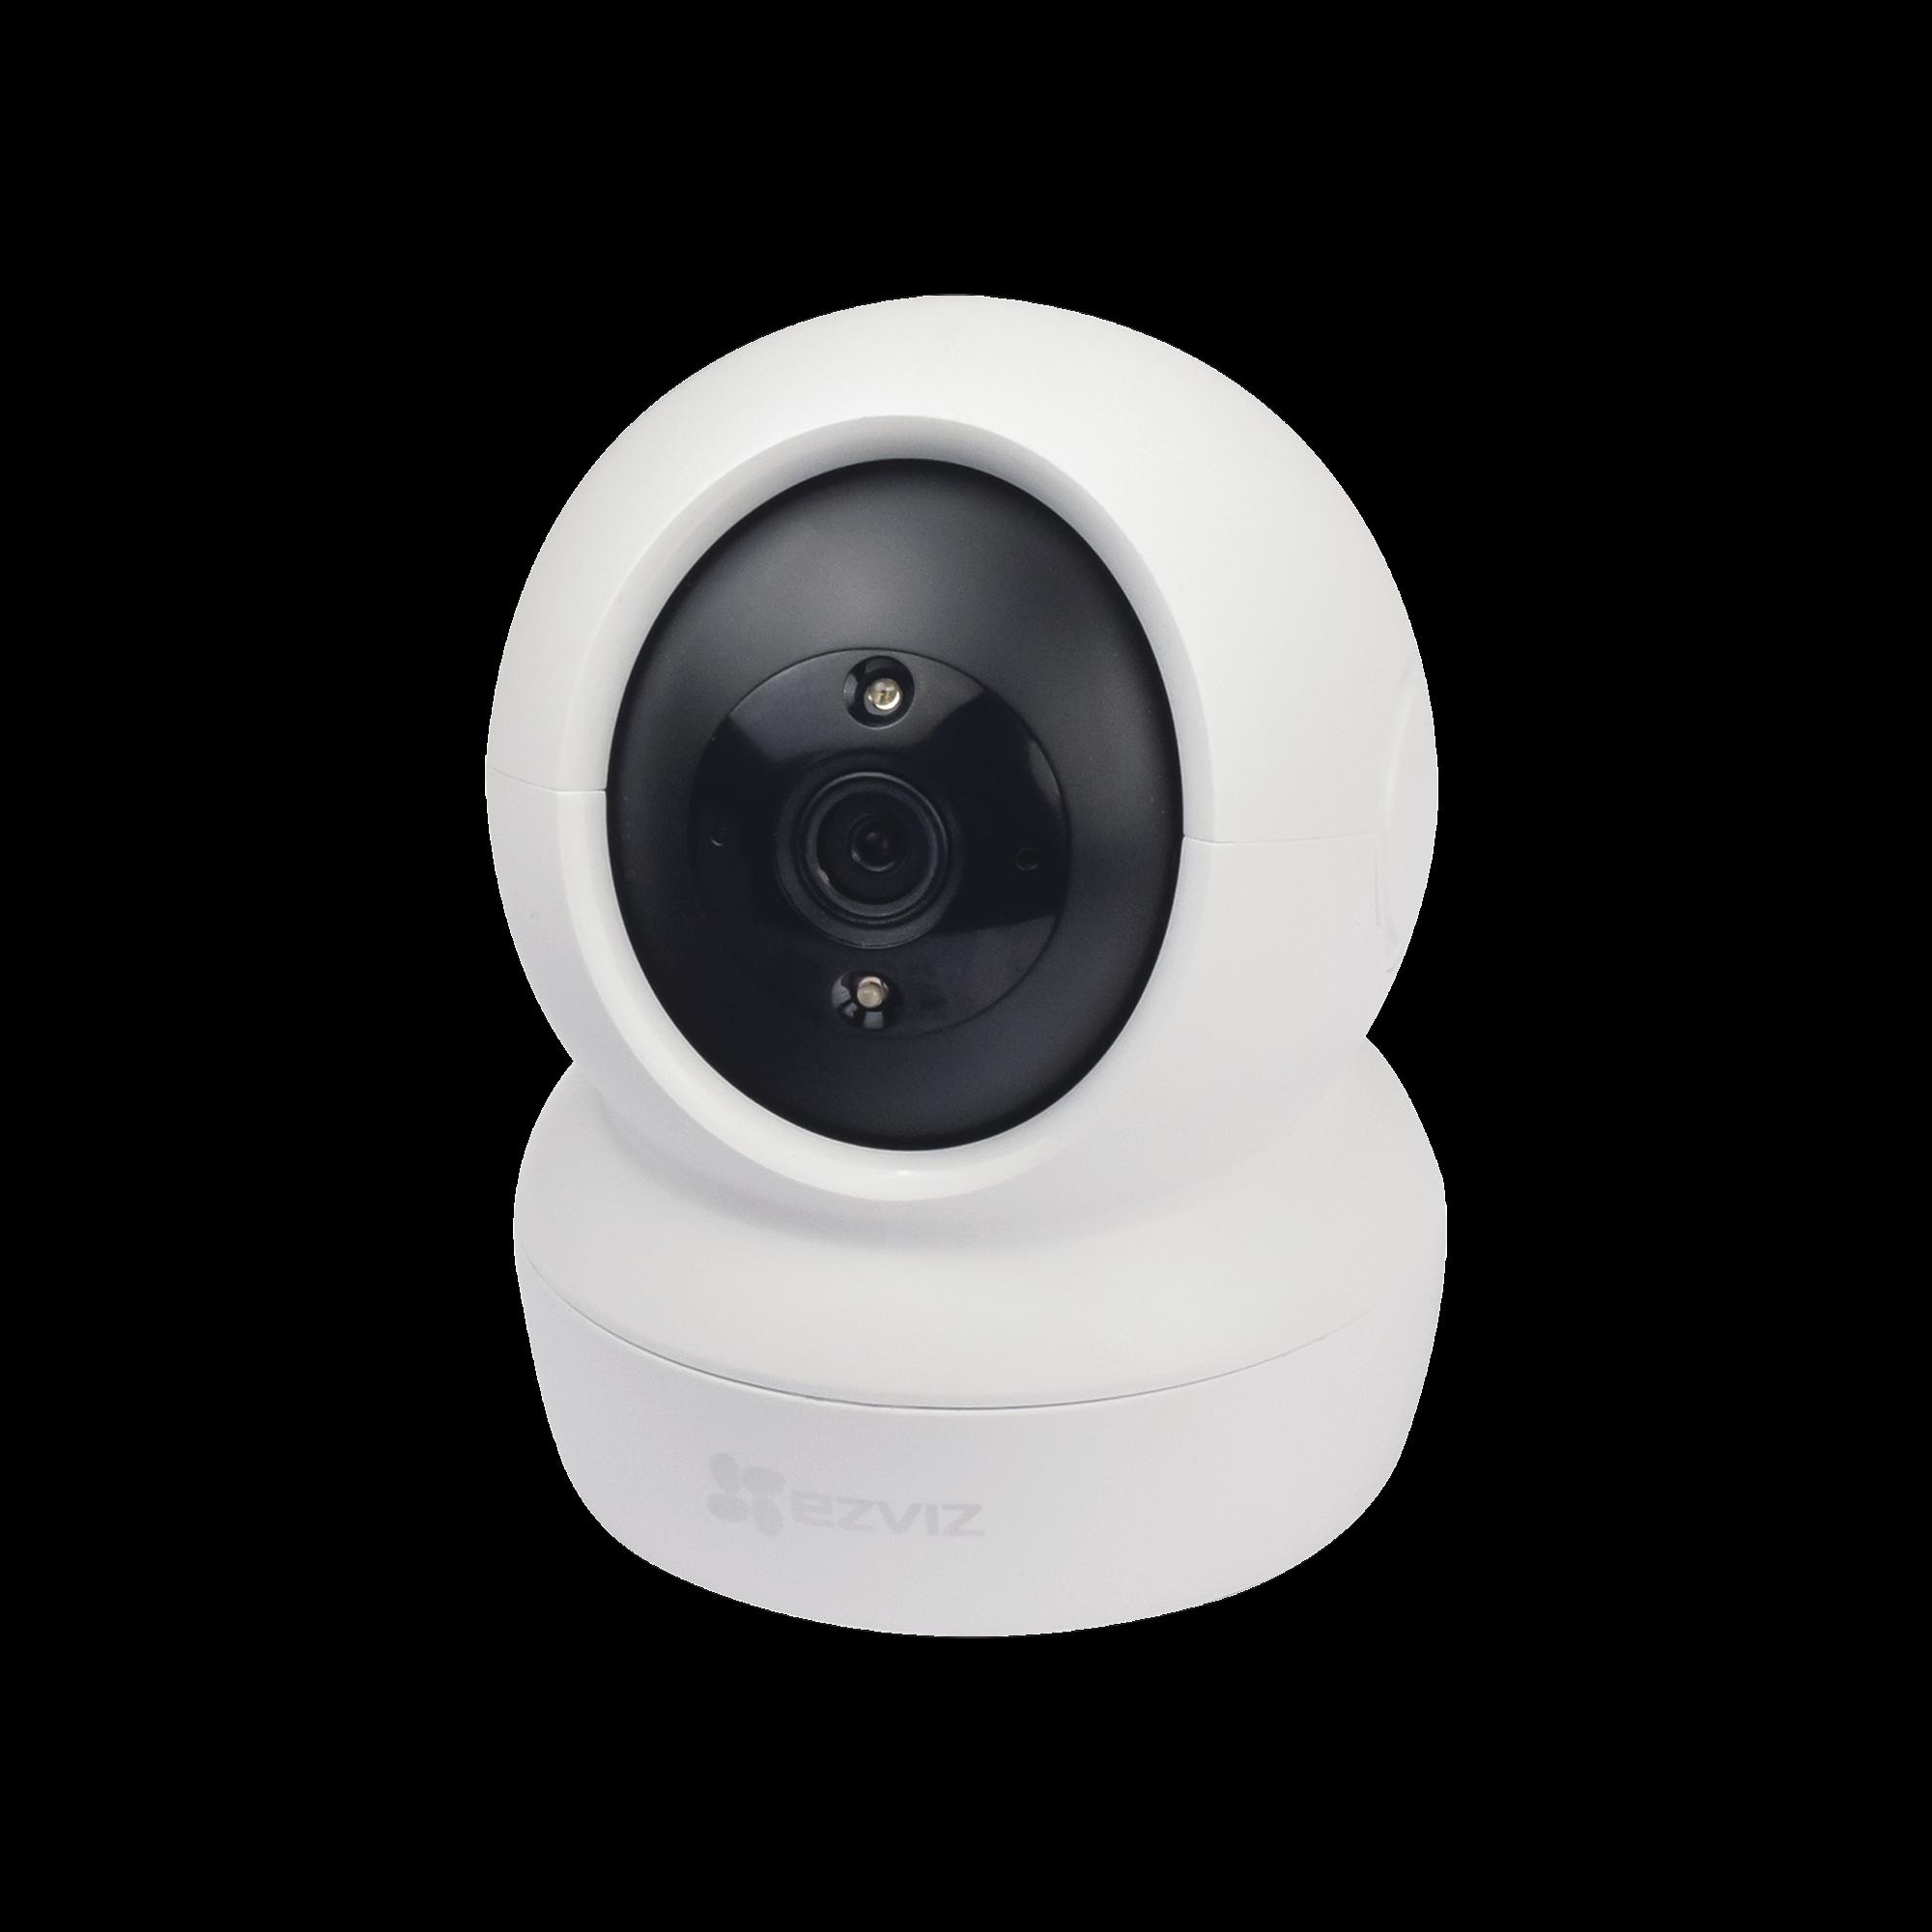 Mini Cámara IP PT 2 Megapíxel / Wi-Fi / Seguimiento Inteligente / Audio de Dos Vías / Notificación Push / Ranura para Memoria / Uso en Interior